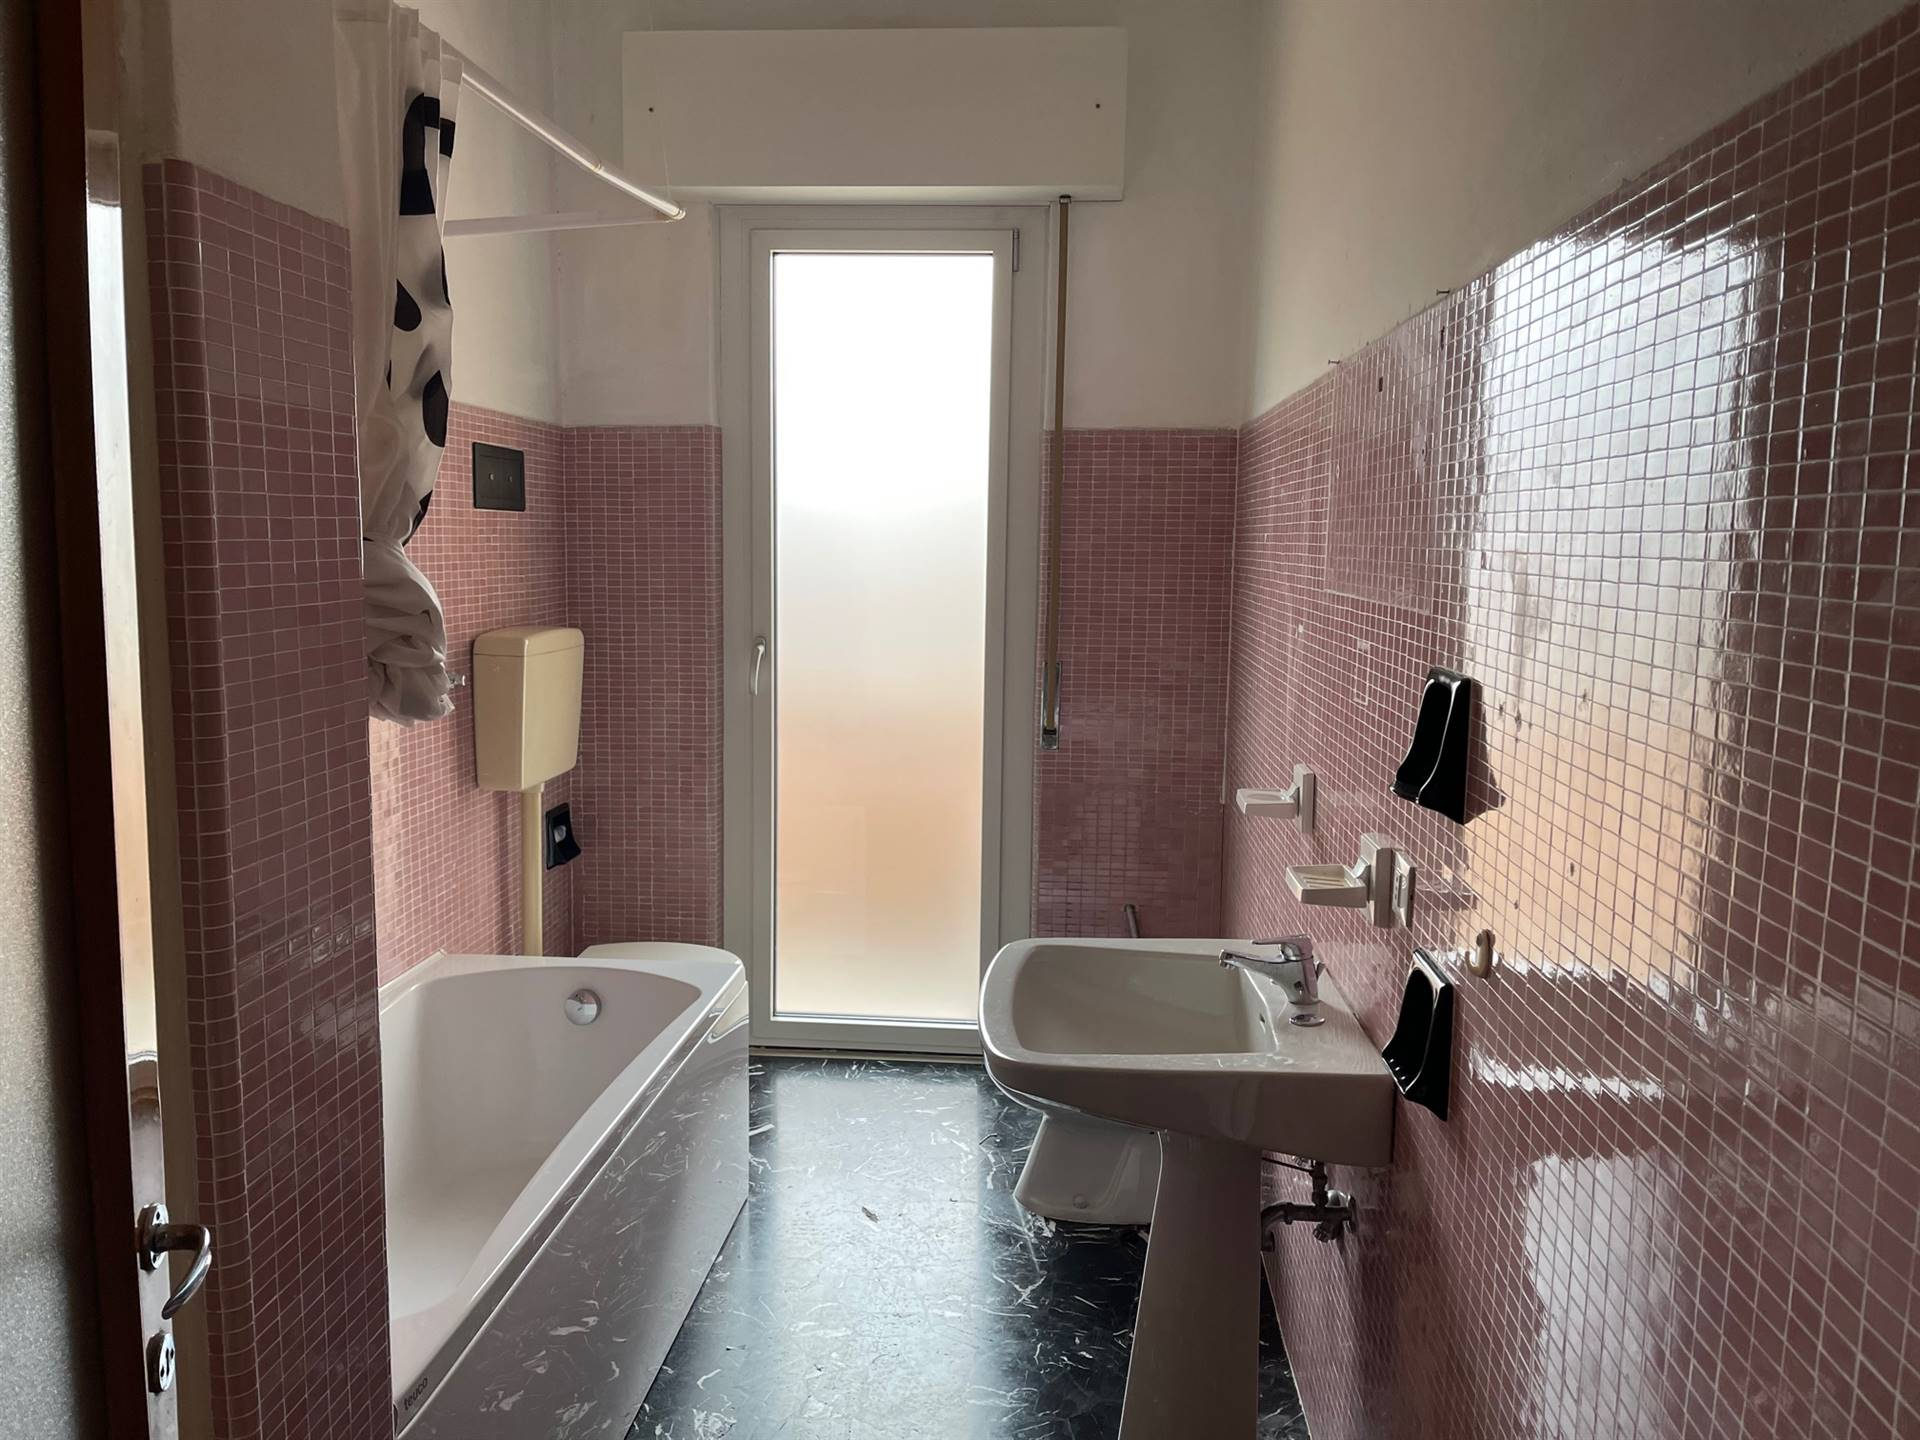 bagno con vasca appartamento affitto Mestre